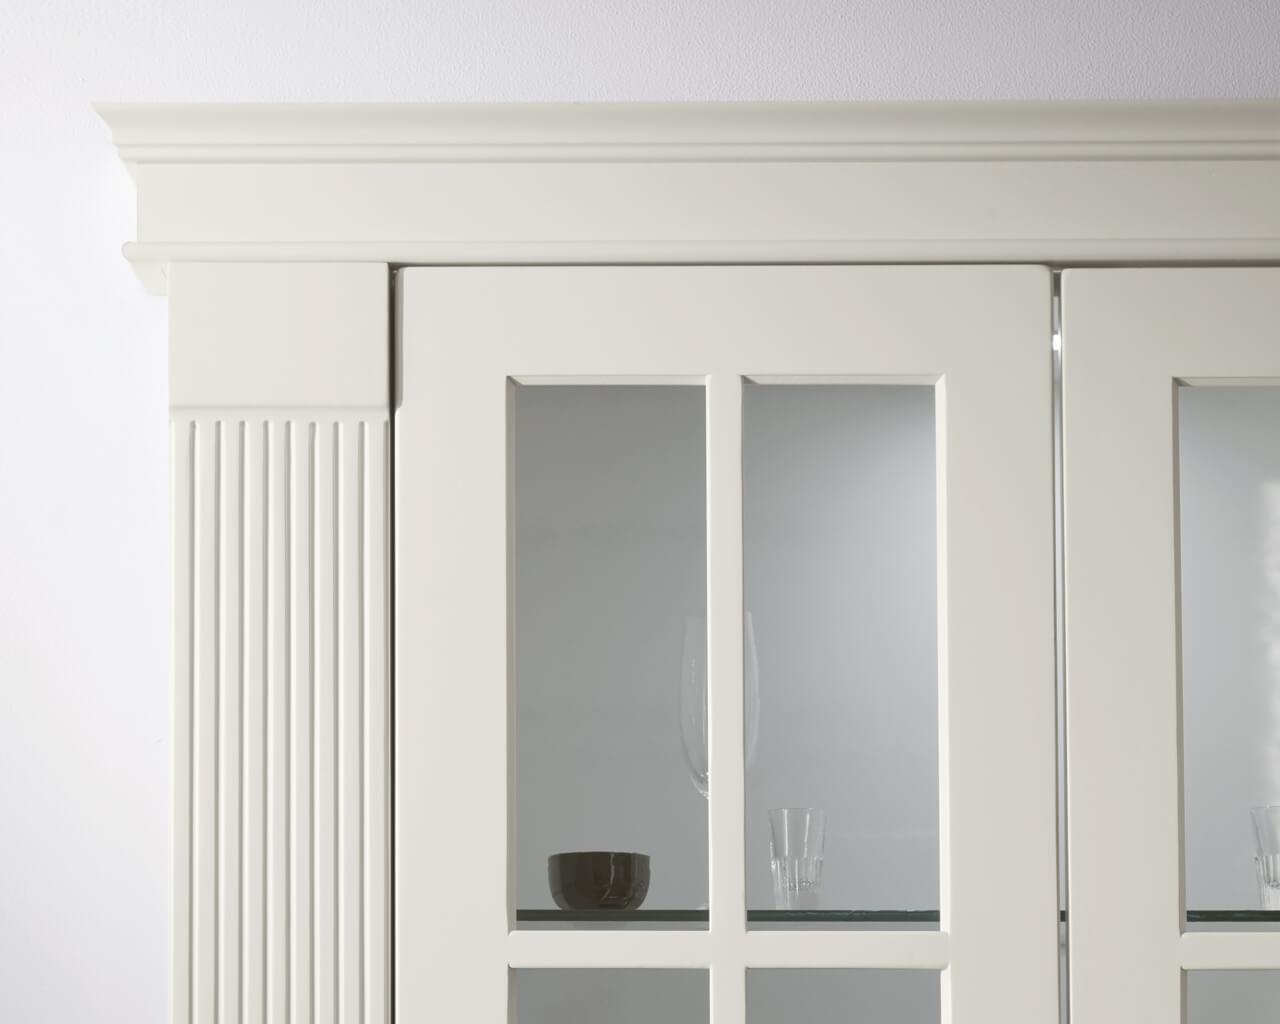 cucina-chiara-legno-bianca-006